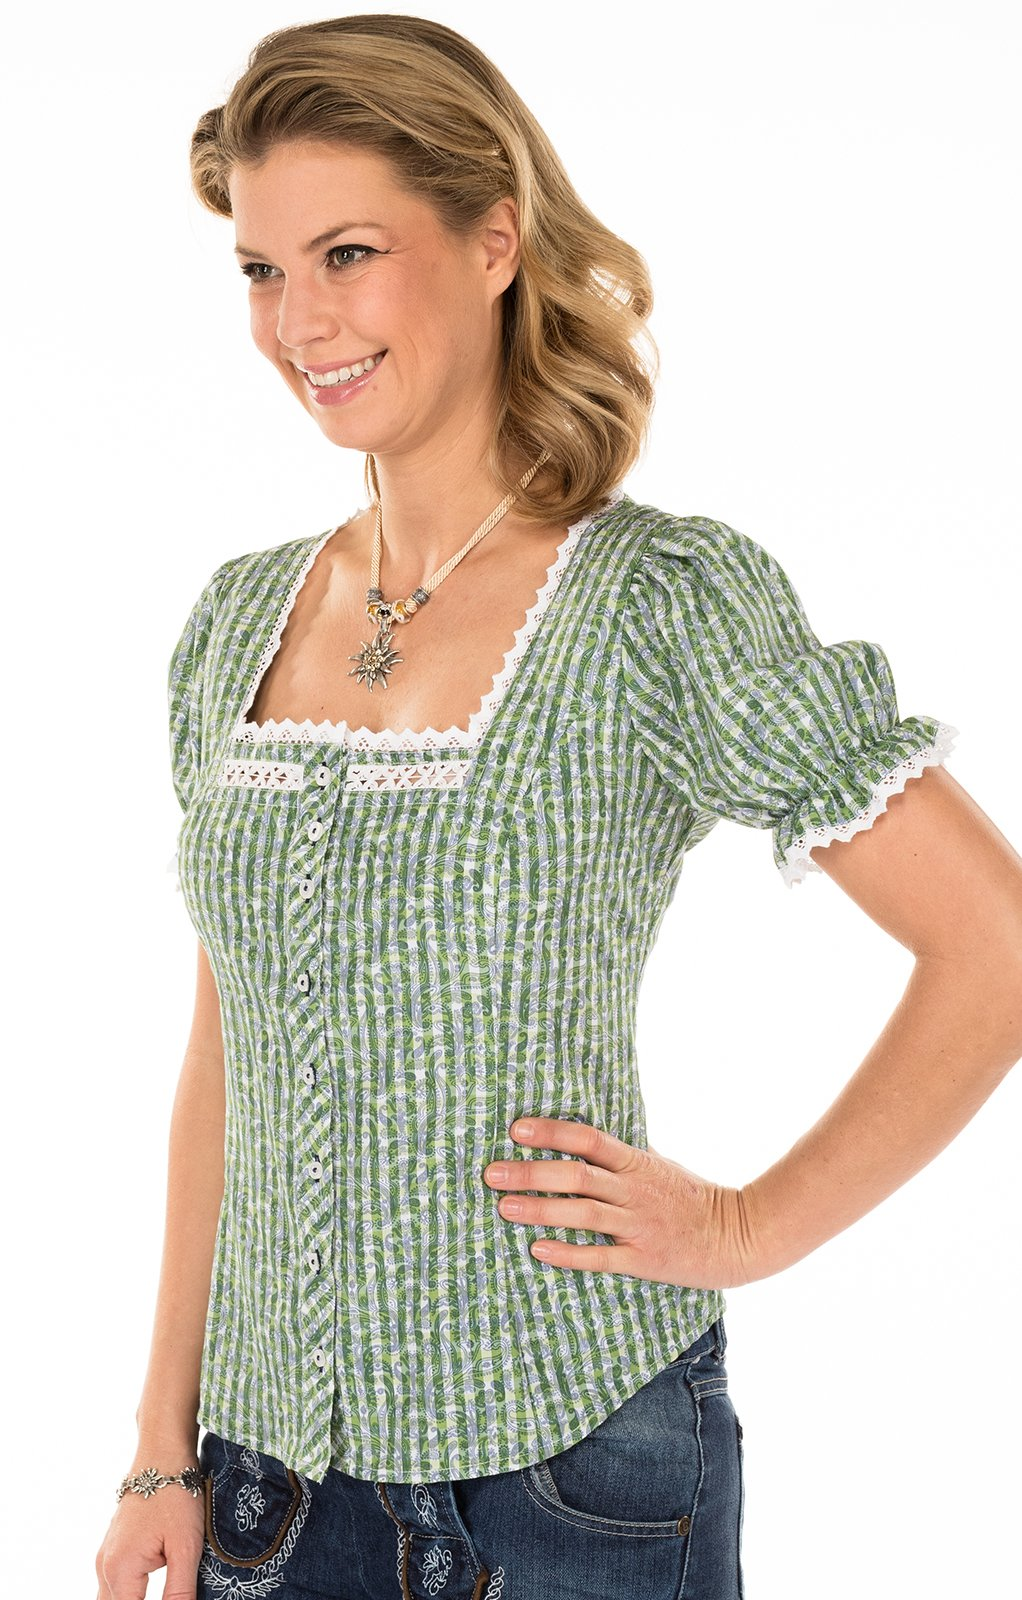 weitere Bilder von Trachtenbluse ALBINA grün Miederbluse